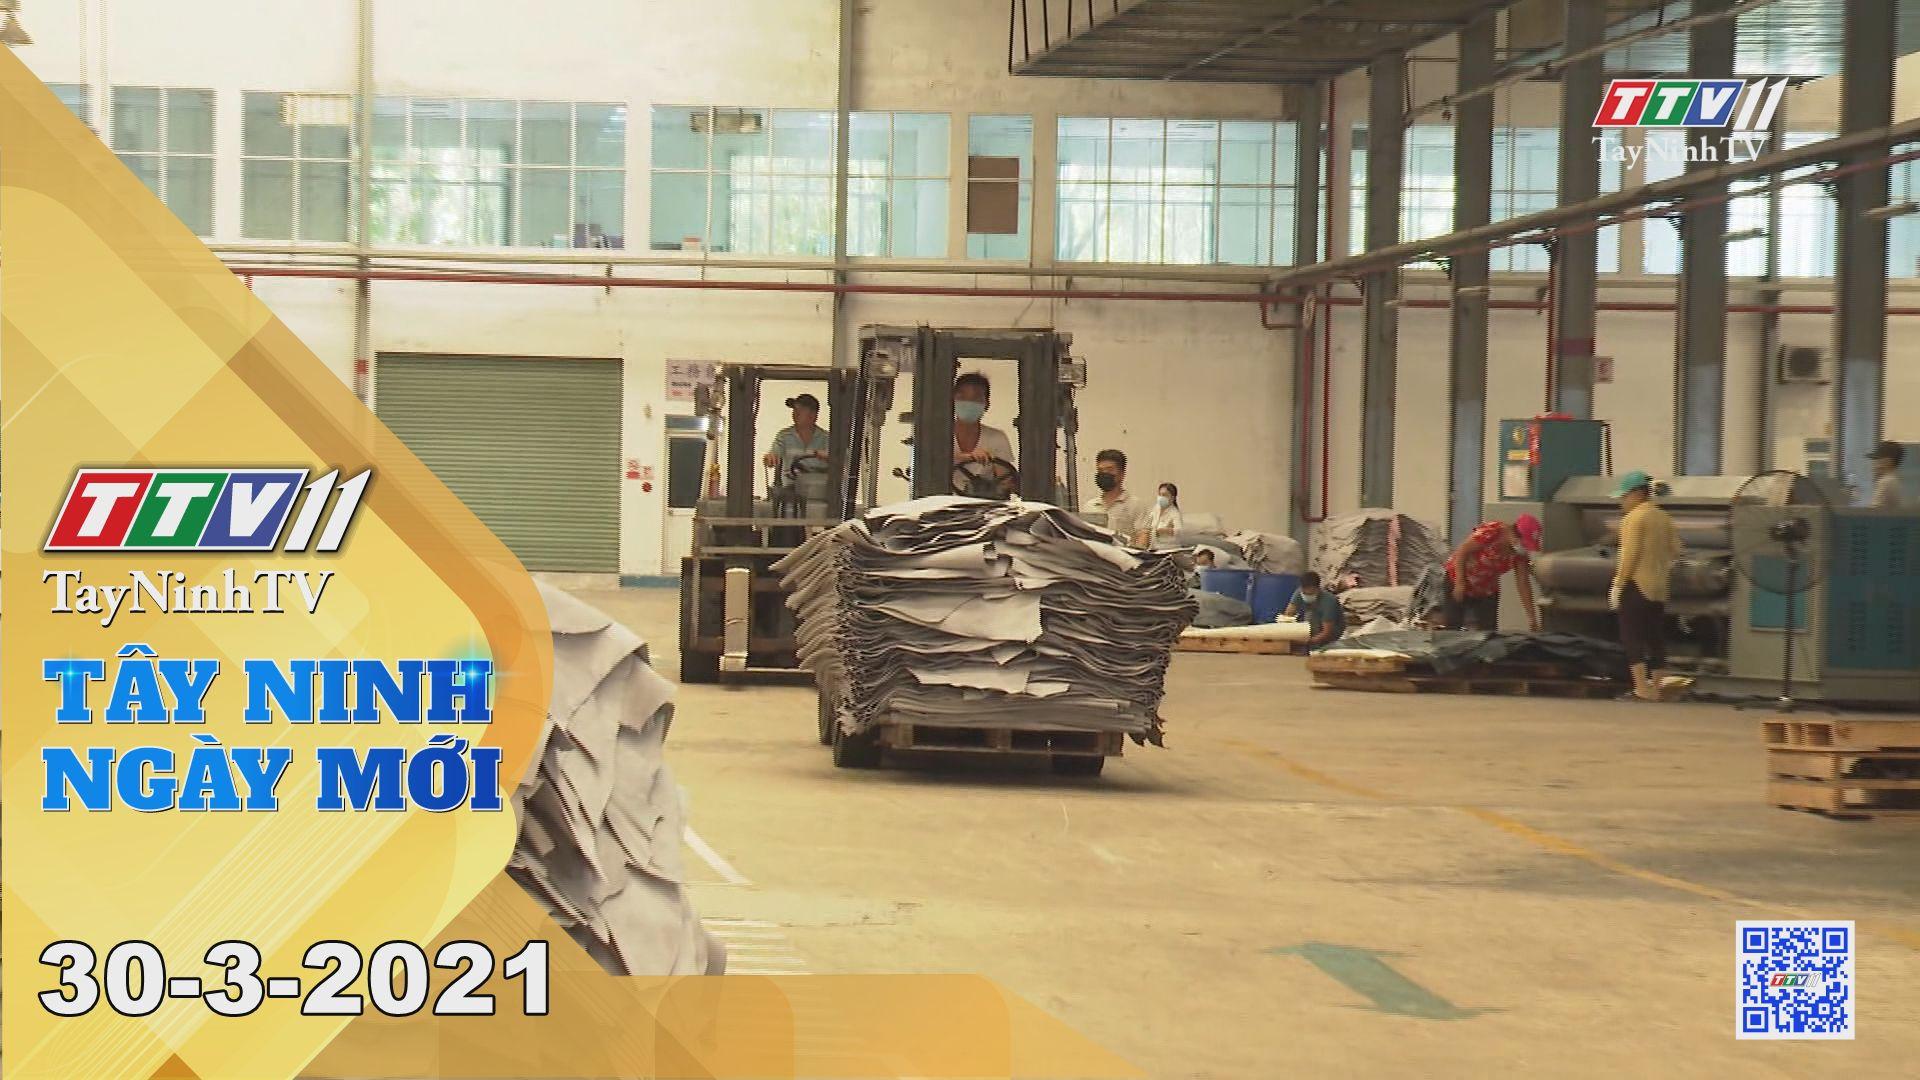 Tây Ninh Ngày Mới 30-3-2021 | Tin tức hôm nay | TayNinhTV